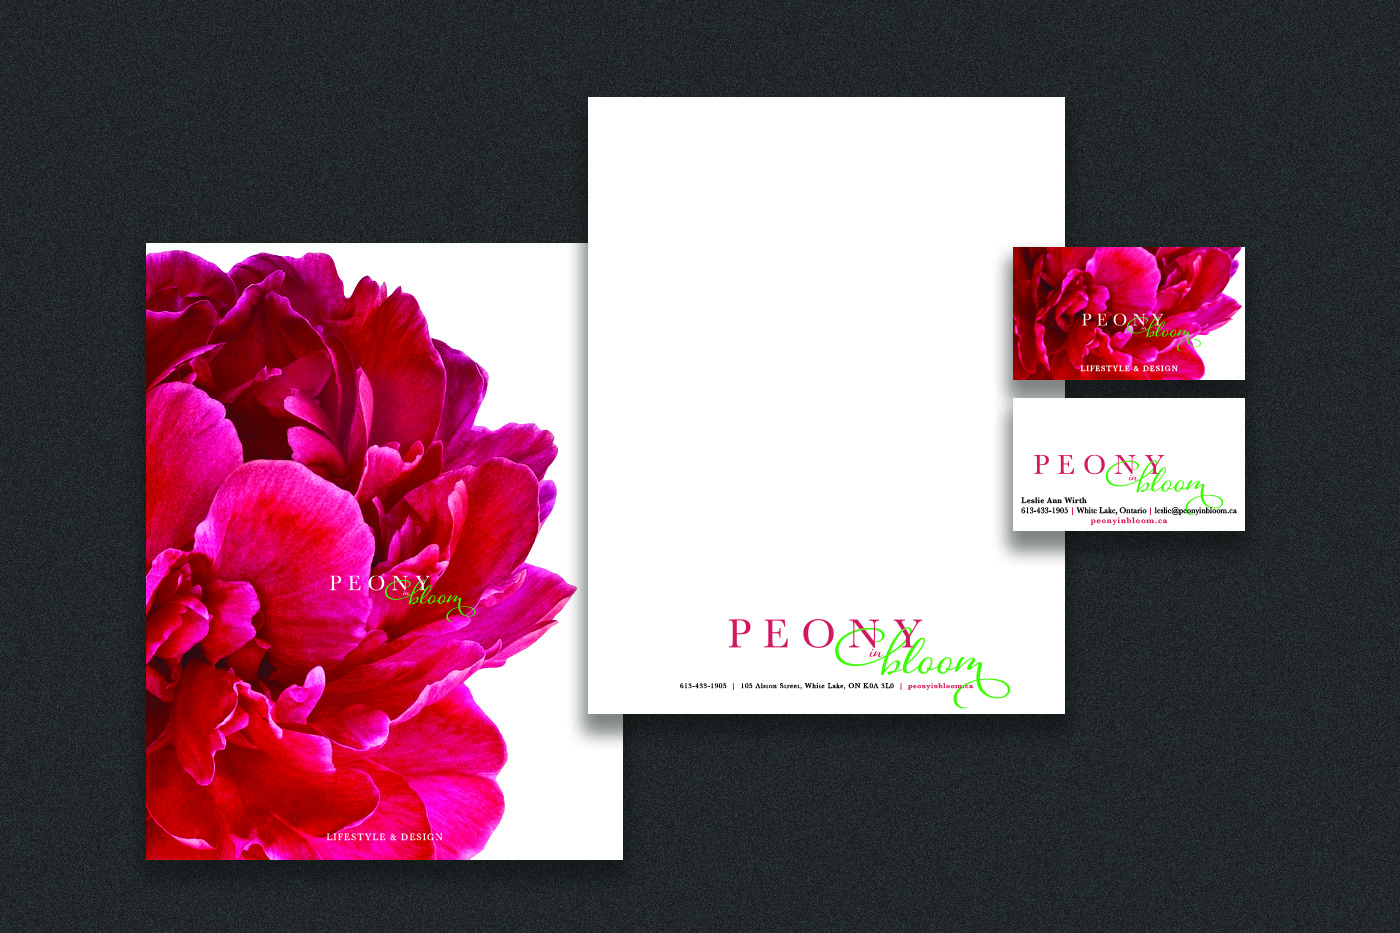 Peony-In-Bloom-feminine-brand-stationary-letterhead-design.jpg